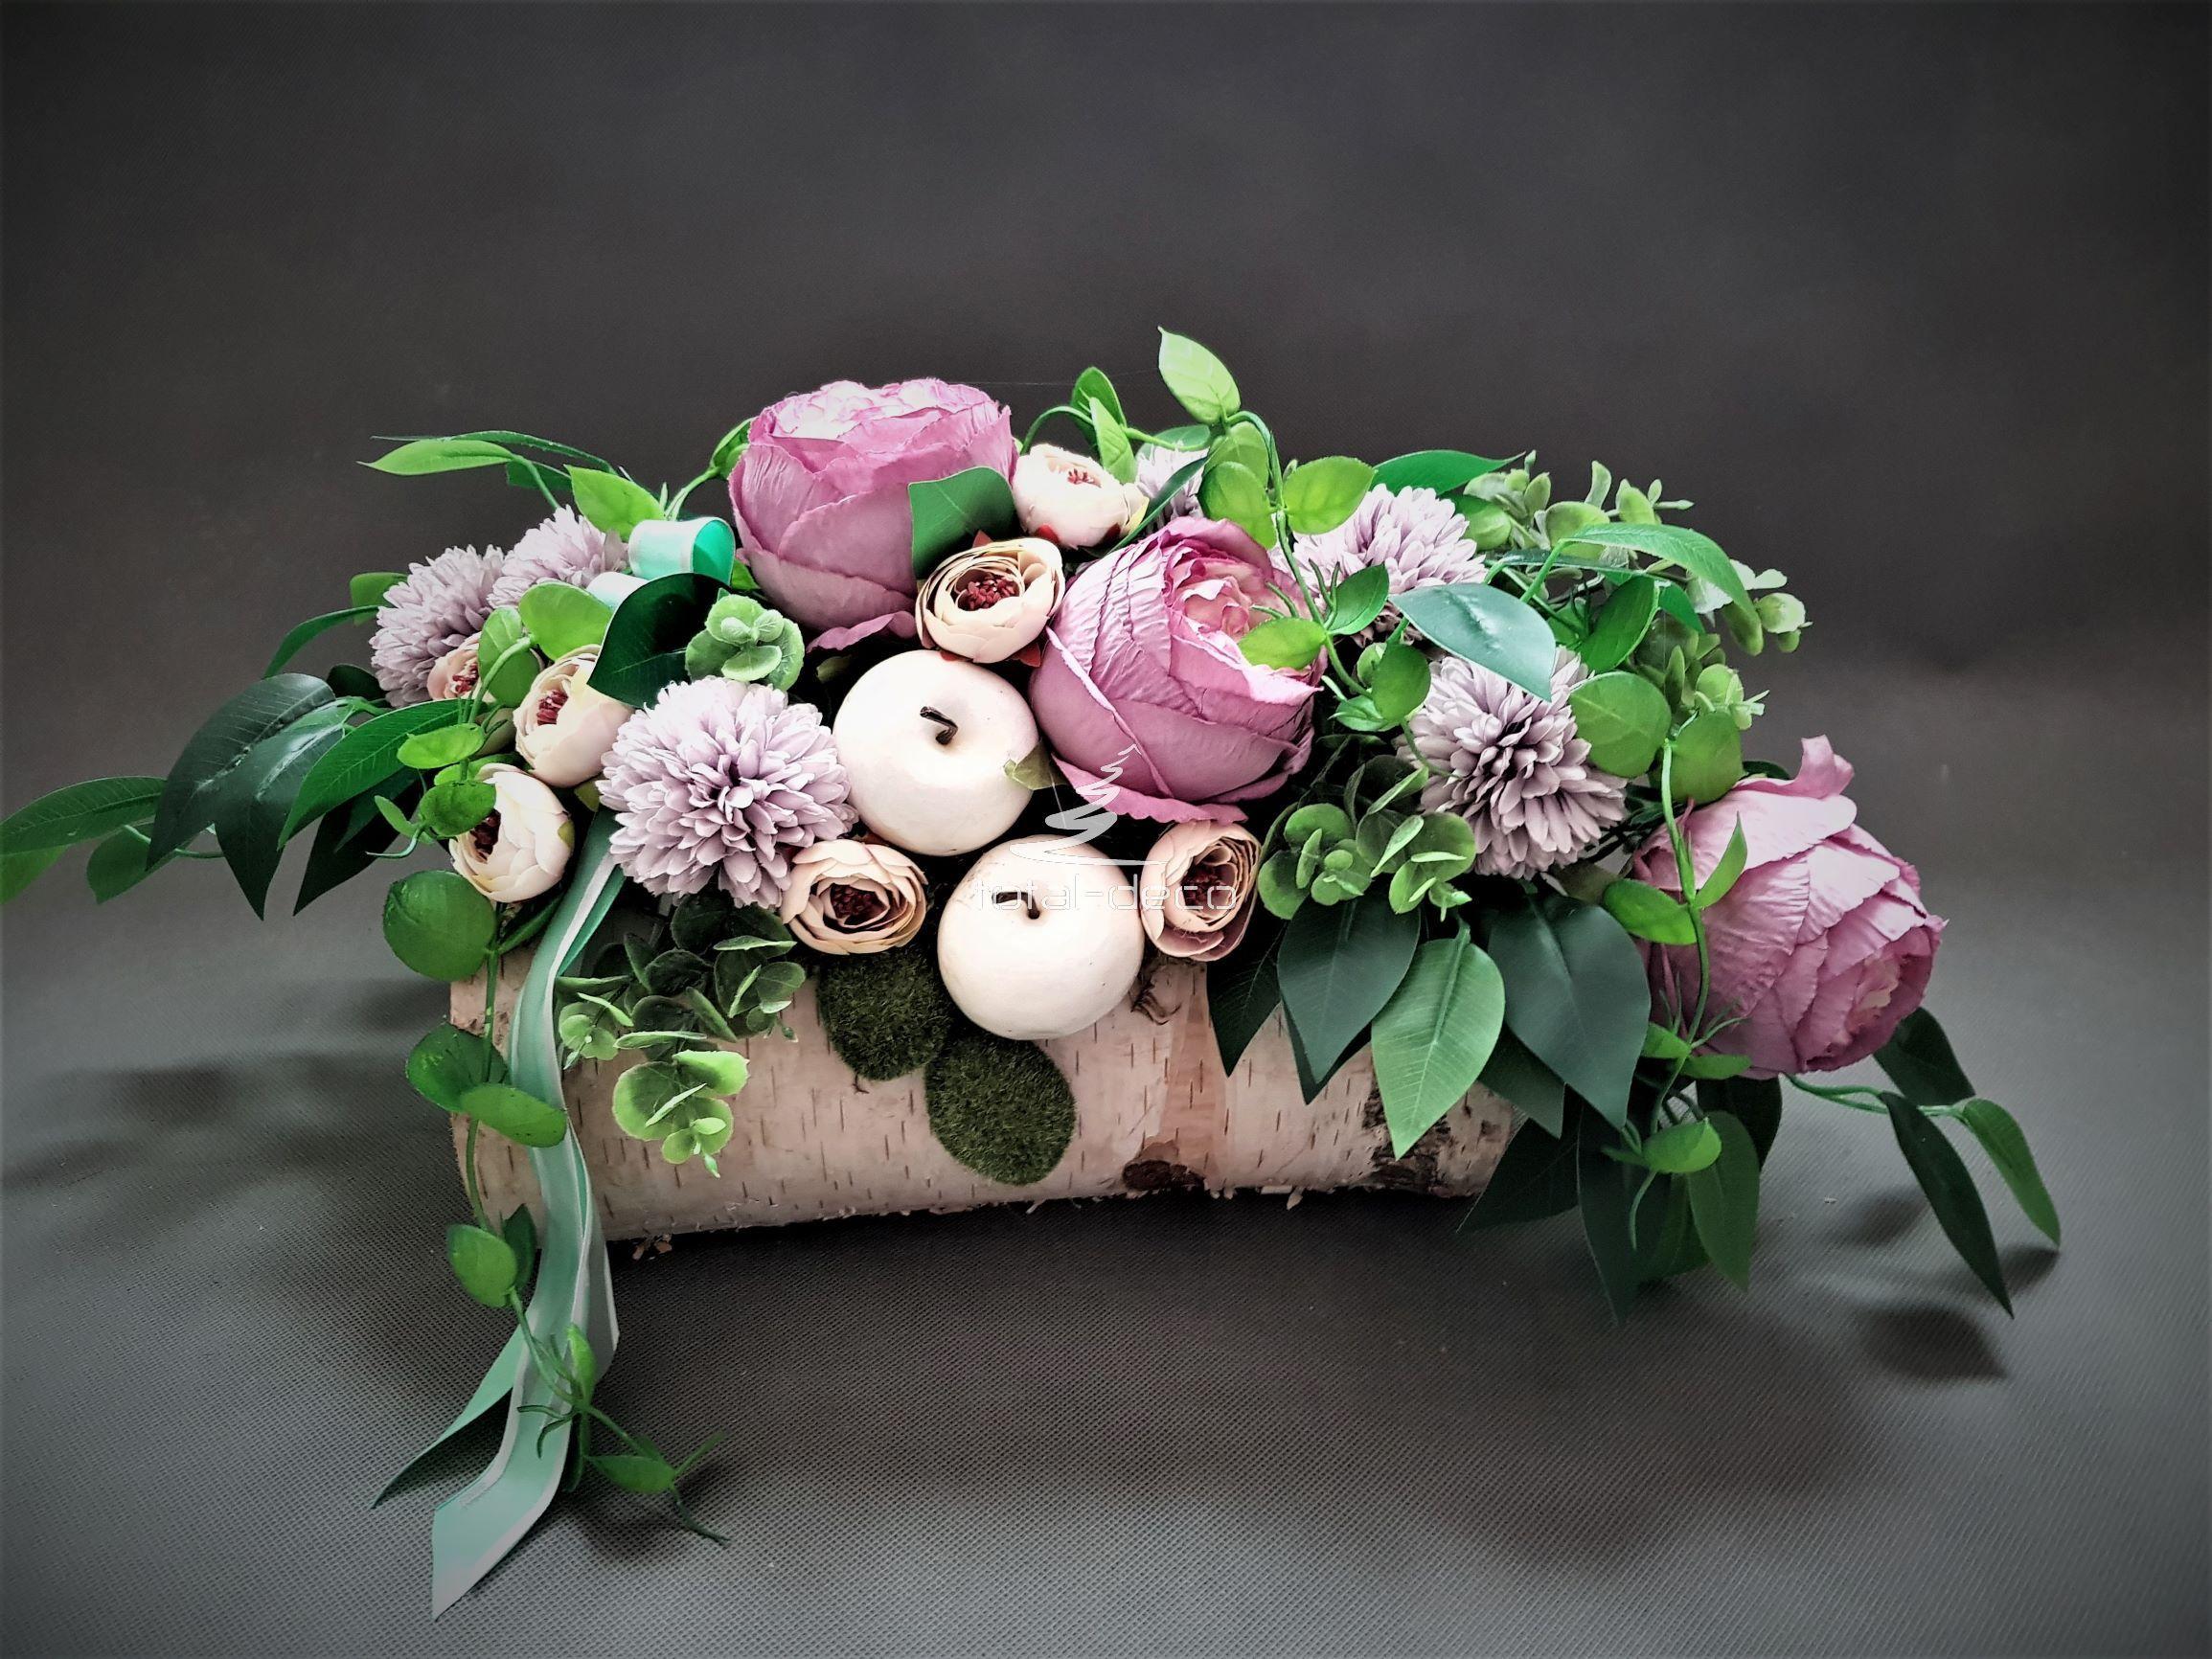 Kompozycja Ze Sztucznych Kwiatow Na Pomnik In 2020 Flower Decorations Funeral Flowers Floral